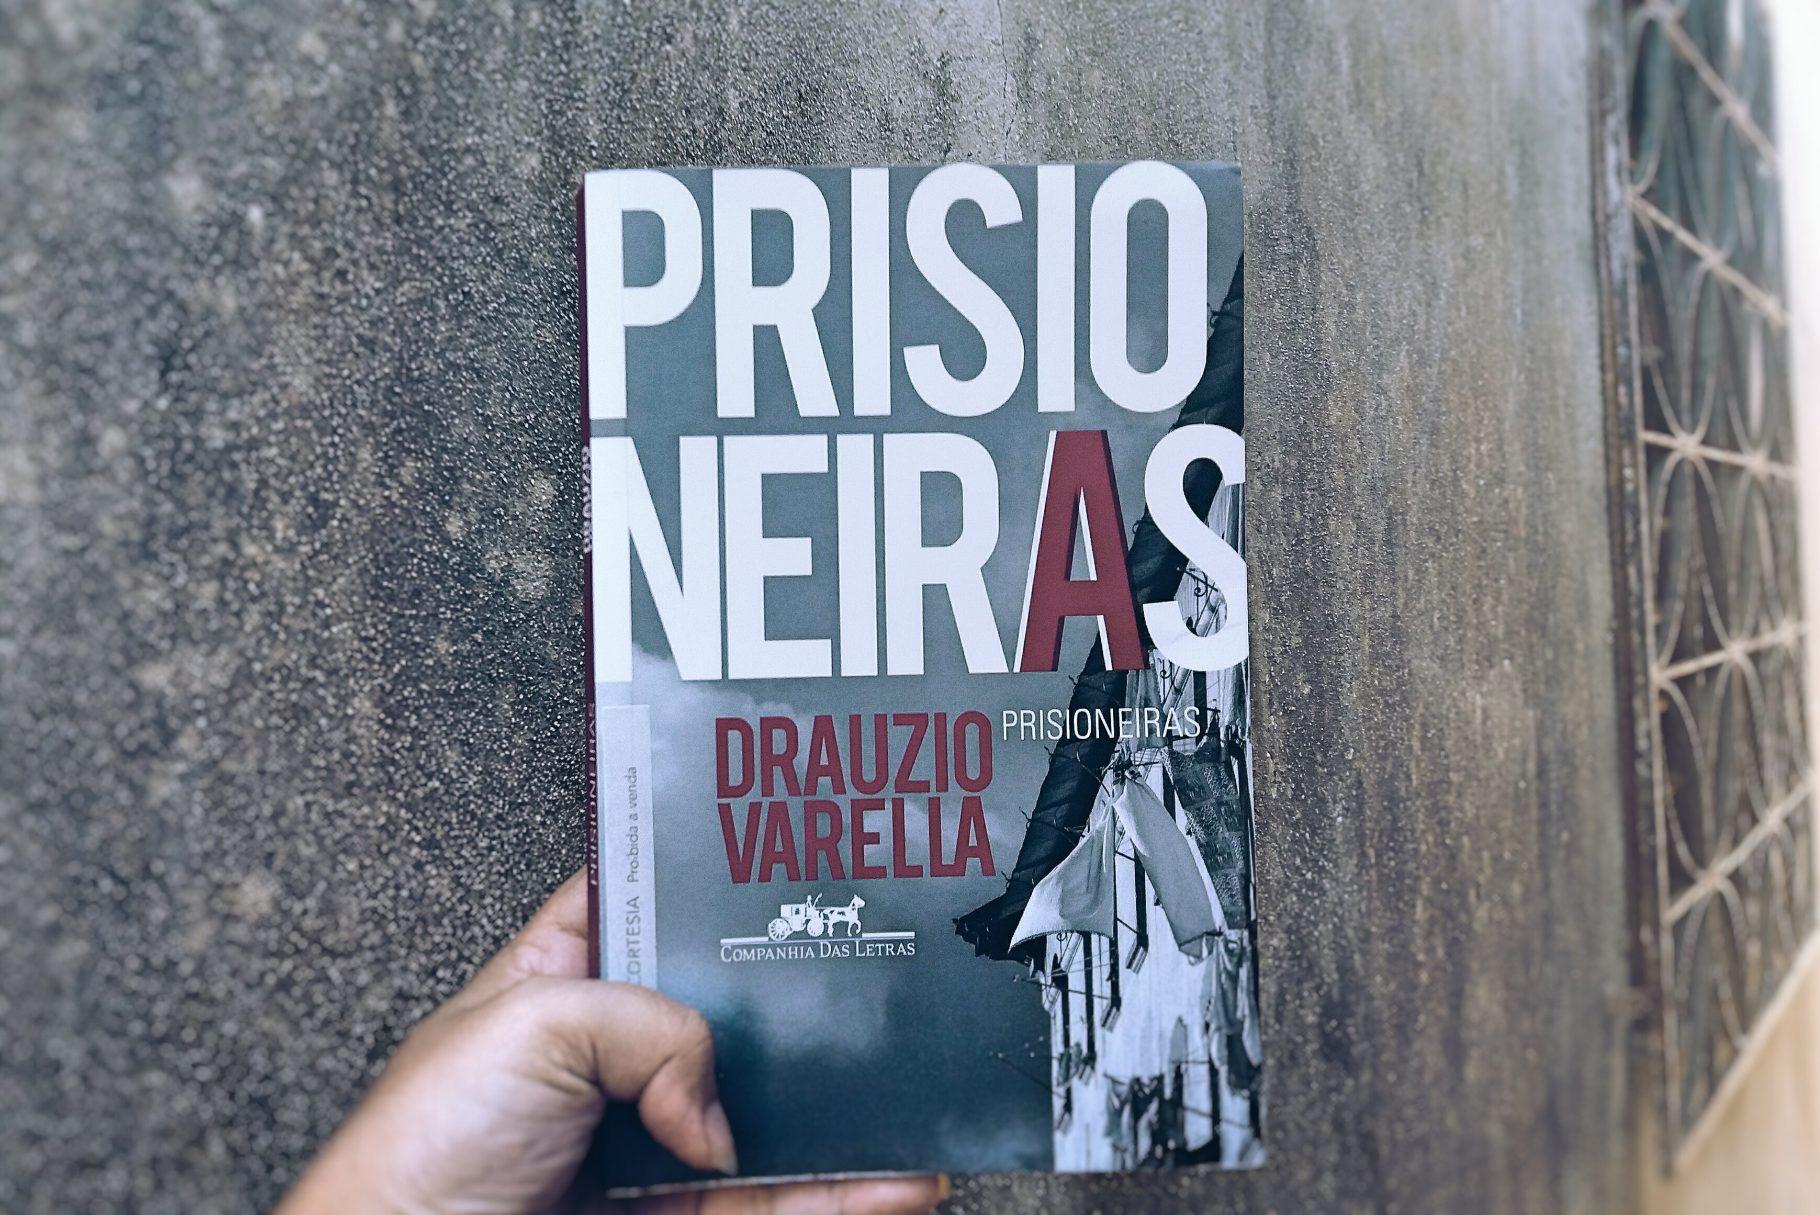 """O ambiente prisional feminino fechando a Triologia do Sistema Carcerário Brasileiro com """"Prisioneiras"""" do Drauzio Varella"""